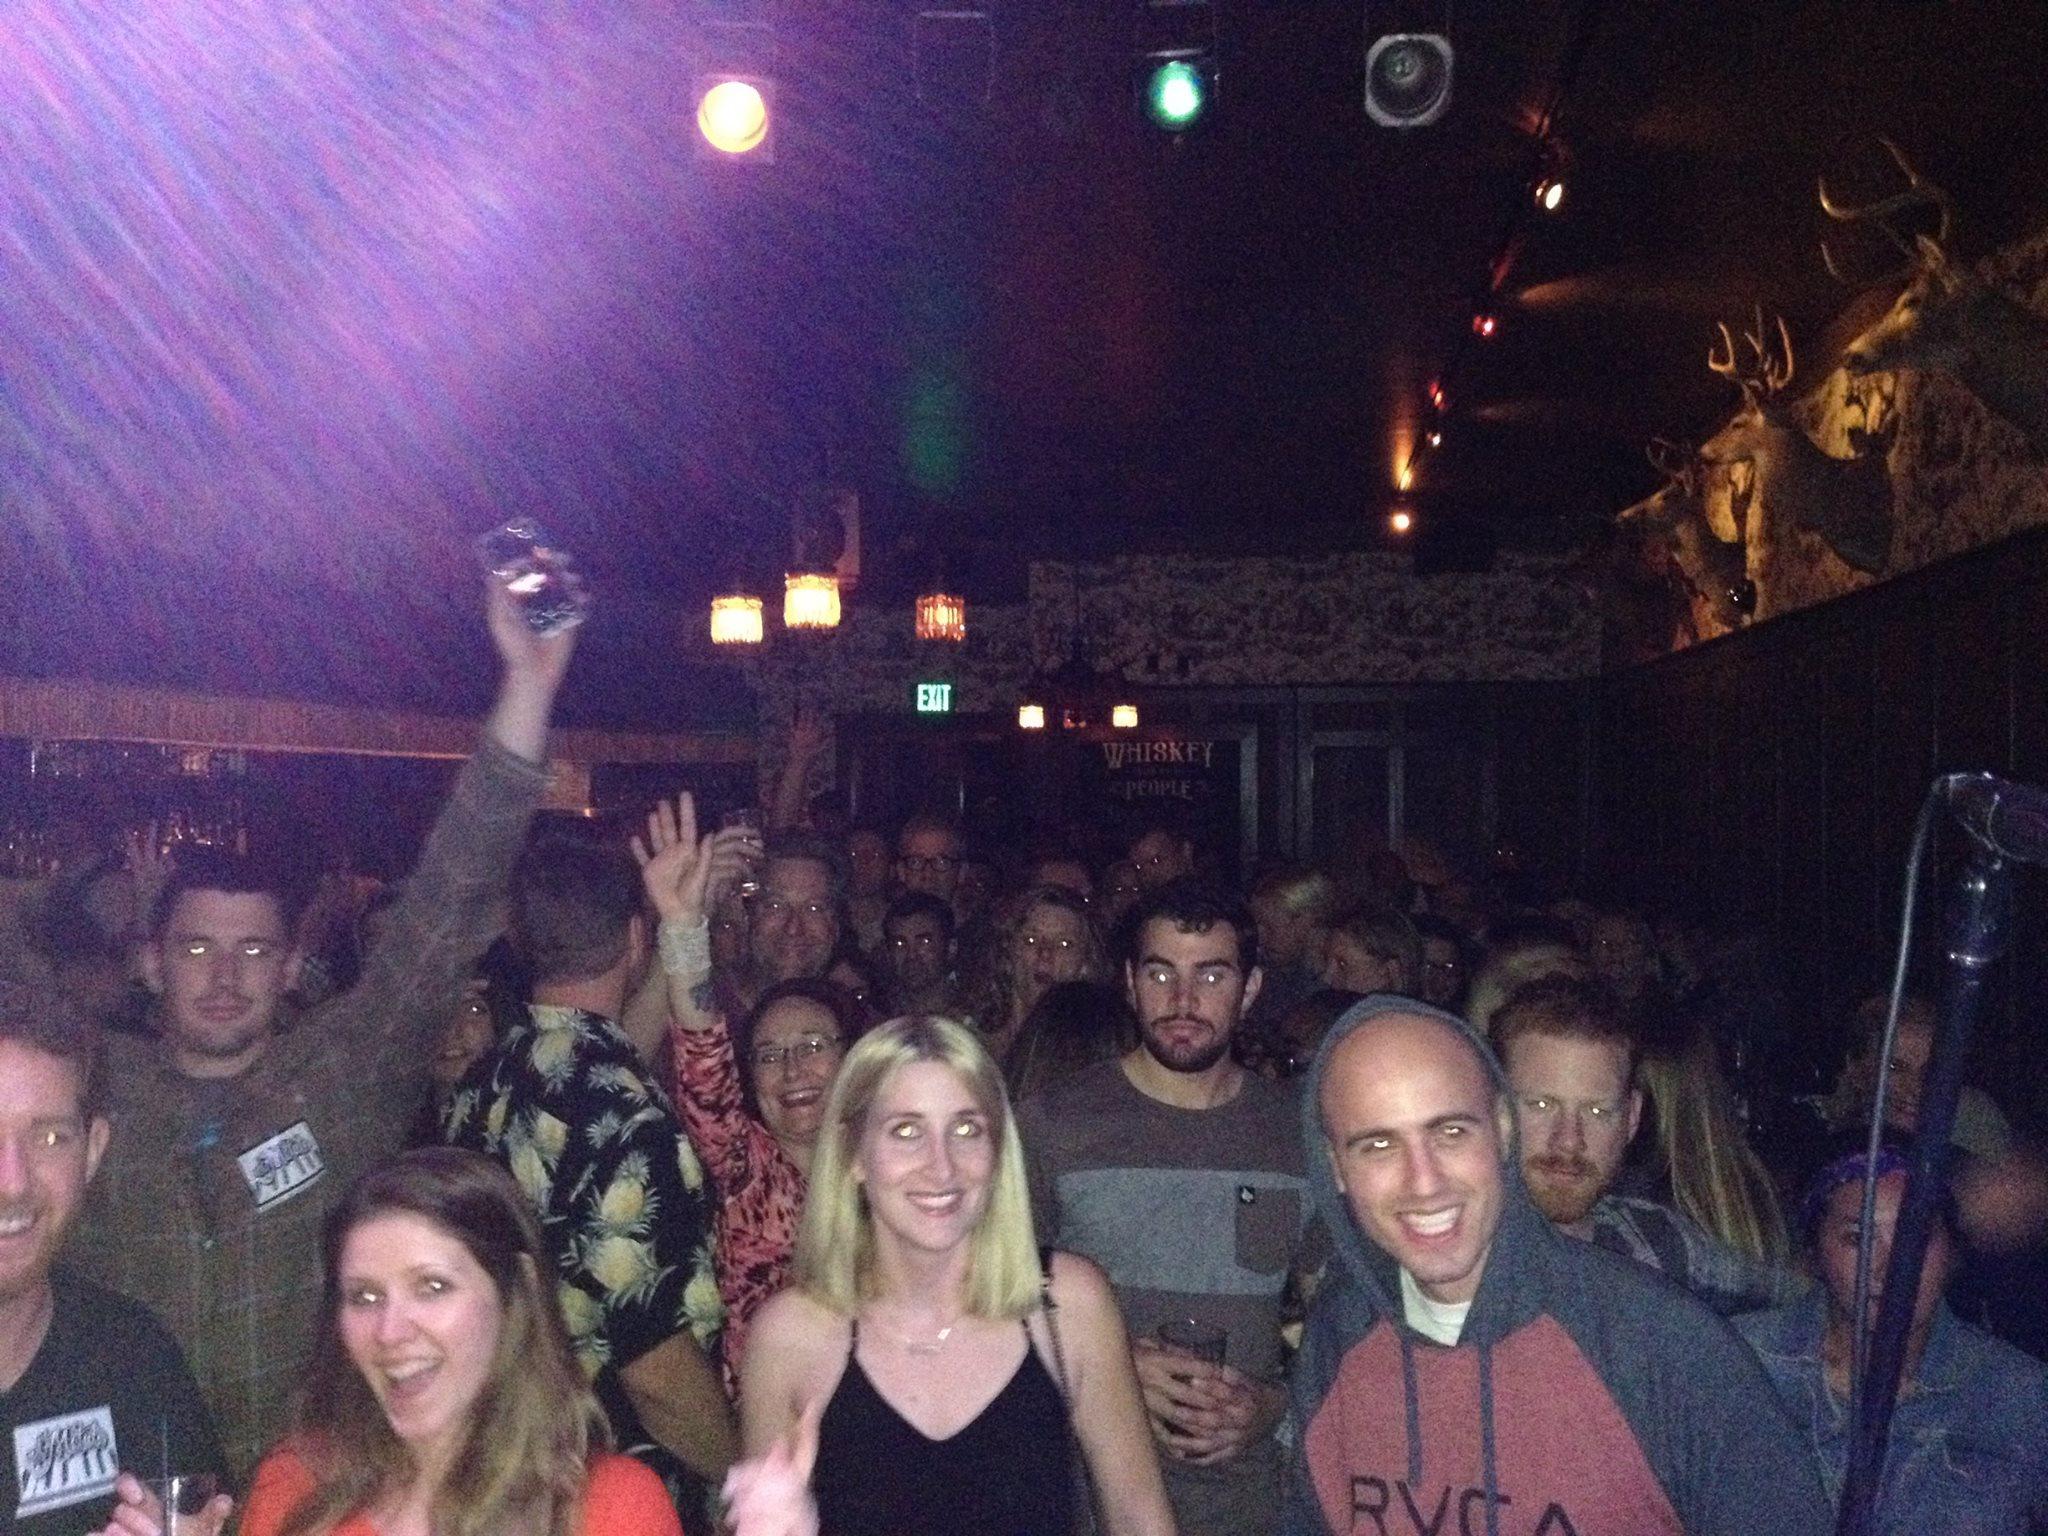 El Metate in San Diego - Audience